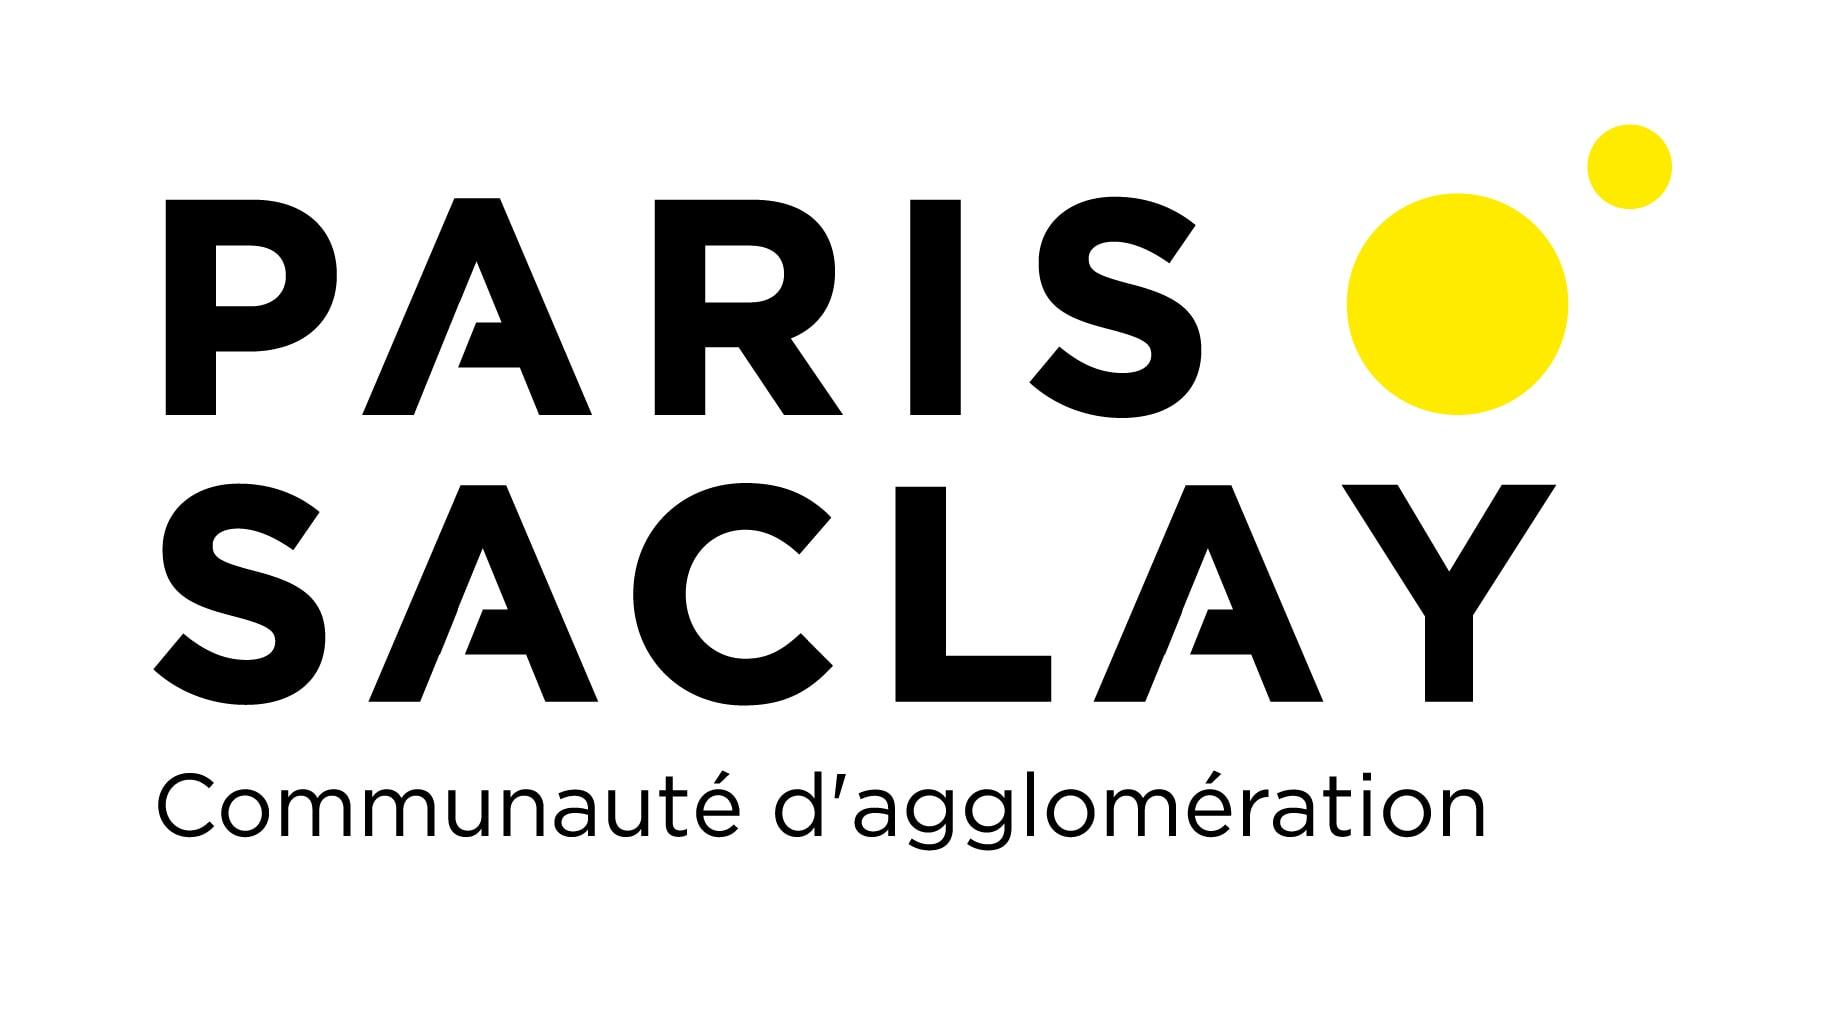 Communauté d'agglomération Paris-Saclay